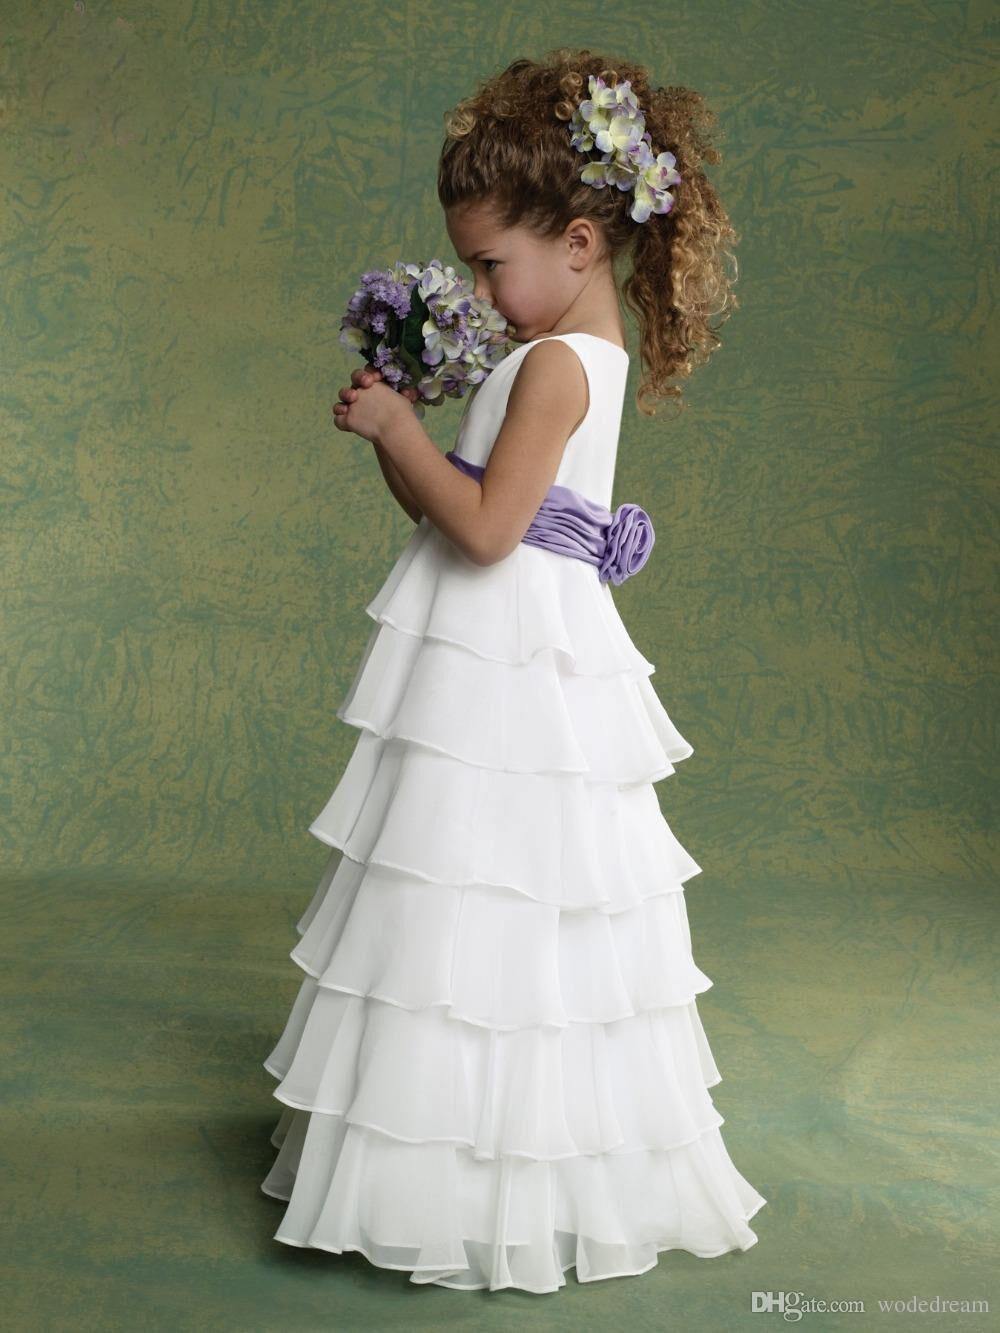 2020 robes de demoiselle d'honneur pleine longueur A-line en mousseline de soie à couches froncées superposées chaude petite fille communion taille enfant 2-14 fabrication sur mesure